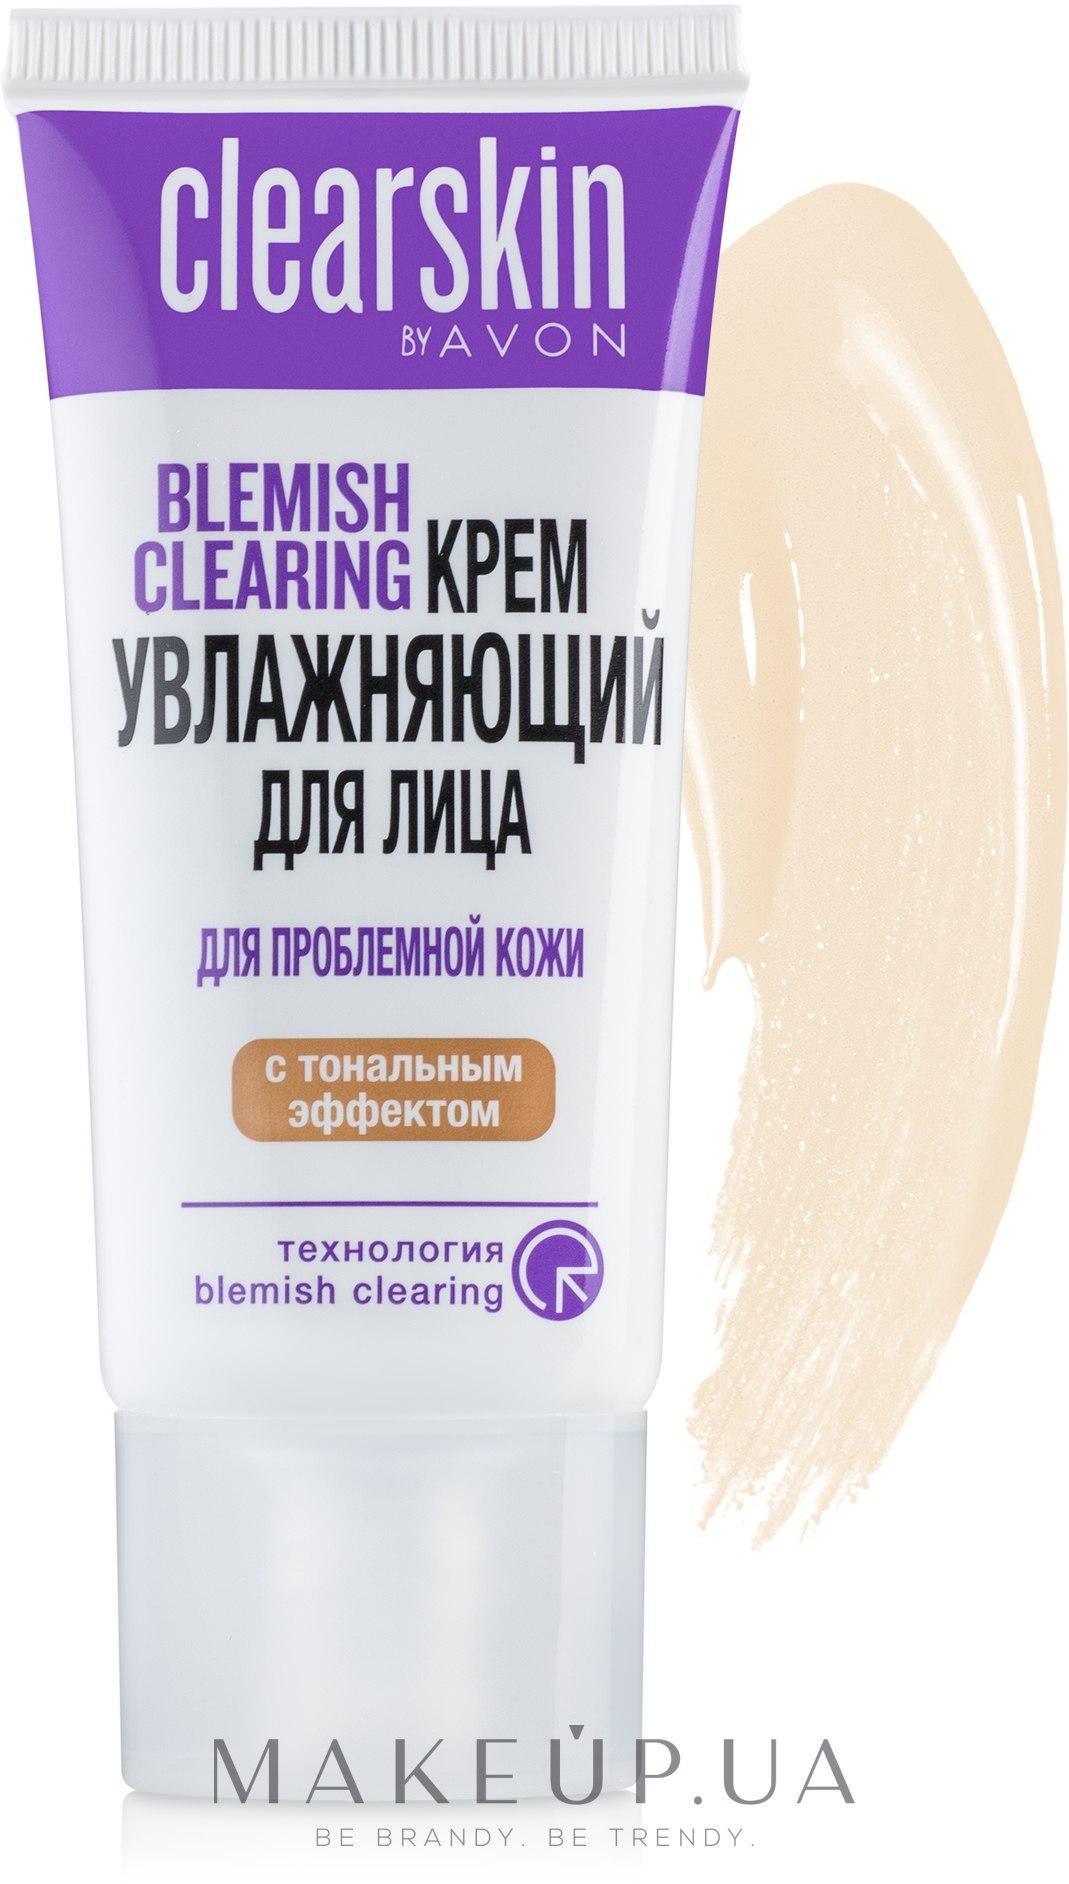 """Крем для лица с тональным эффектом """"Для проблемной кожи"""" - Avon ClearSkin  — фото Light"""